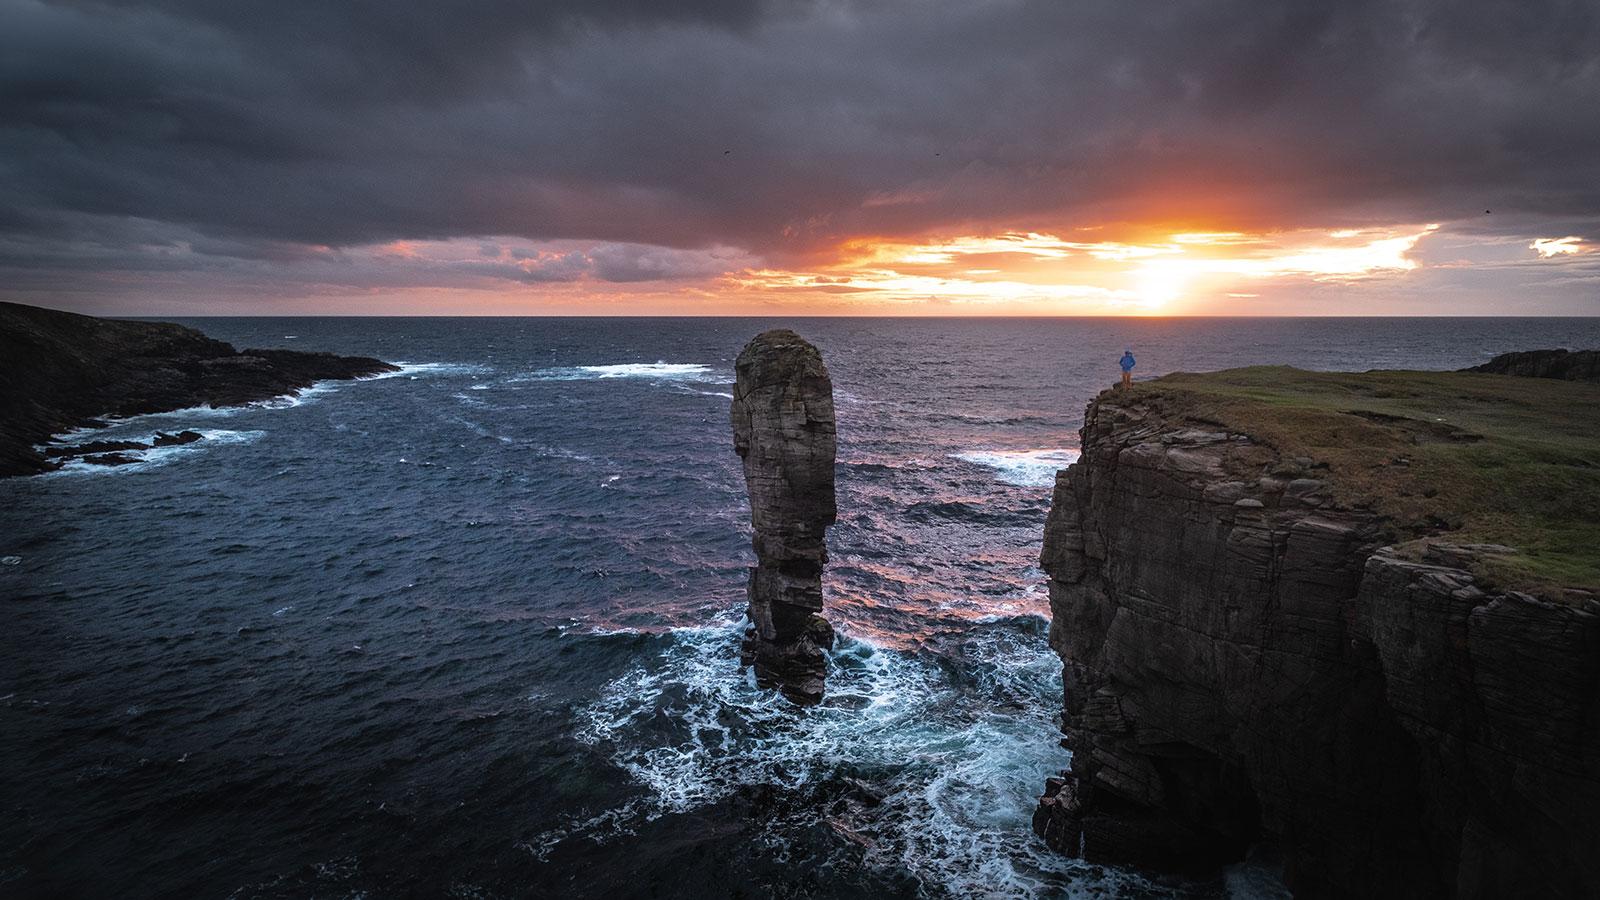 Am Rand. Klettern in Schottland | Pauli Trenkwalder, Berge & Psychologie